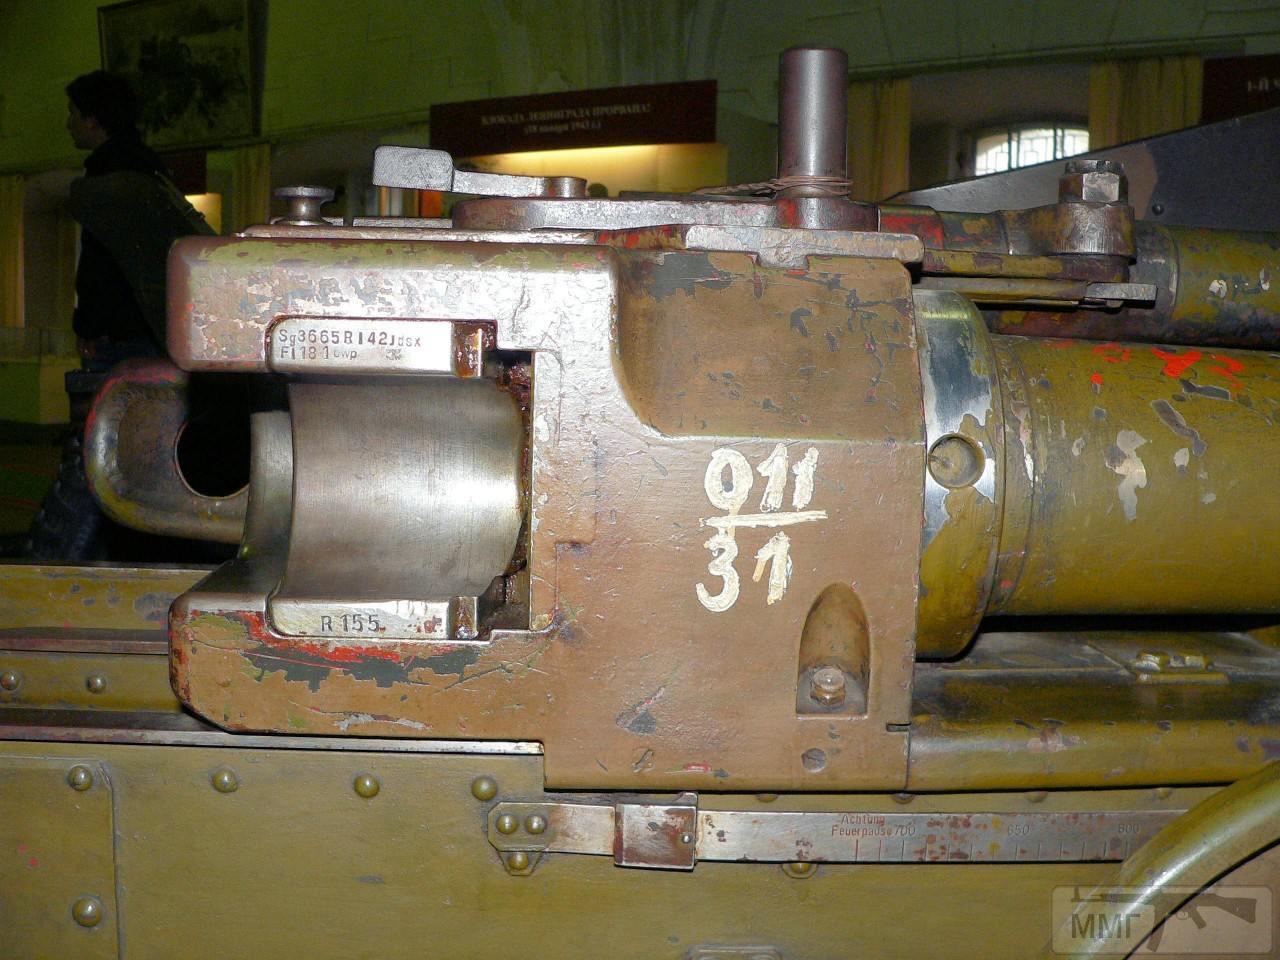 37437 - Немецкая артиллерия второй мировой